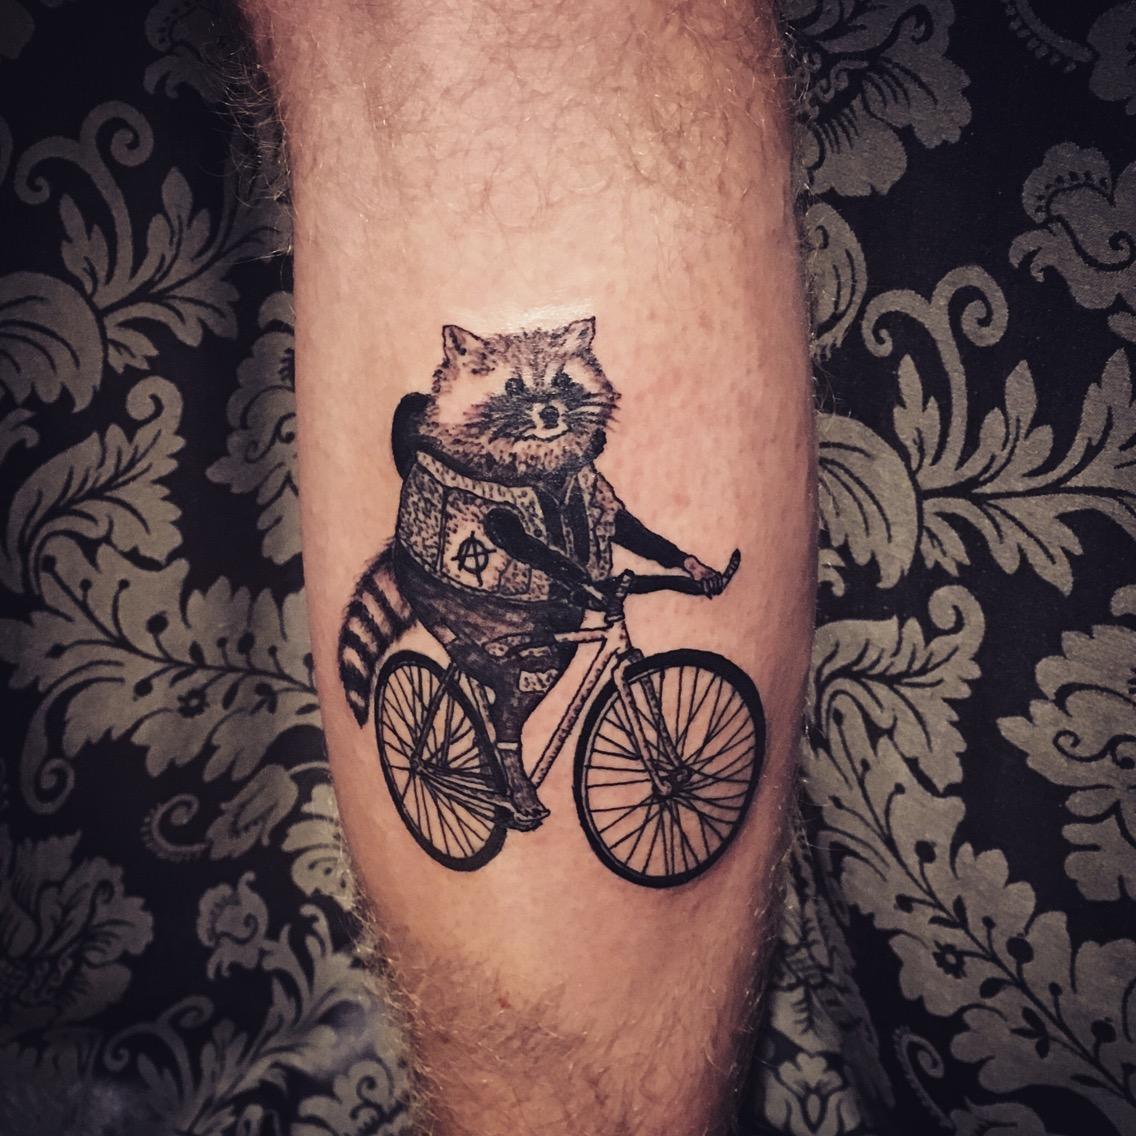 geometria, tatuajegeometrico, madridtattoo, tattooshopmadrid, geometrictattoo, lineamuyfina, tatuajelineafina, finelinetattoo, fineline, hiperfineline, mejorestatuajesmadrid, lineafinamadrid, blackworkmadrid, anarquistasmadrid